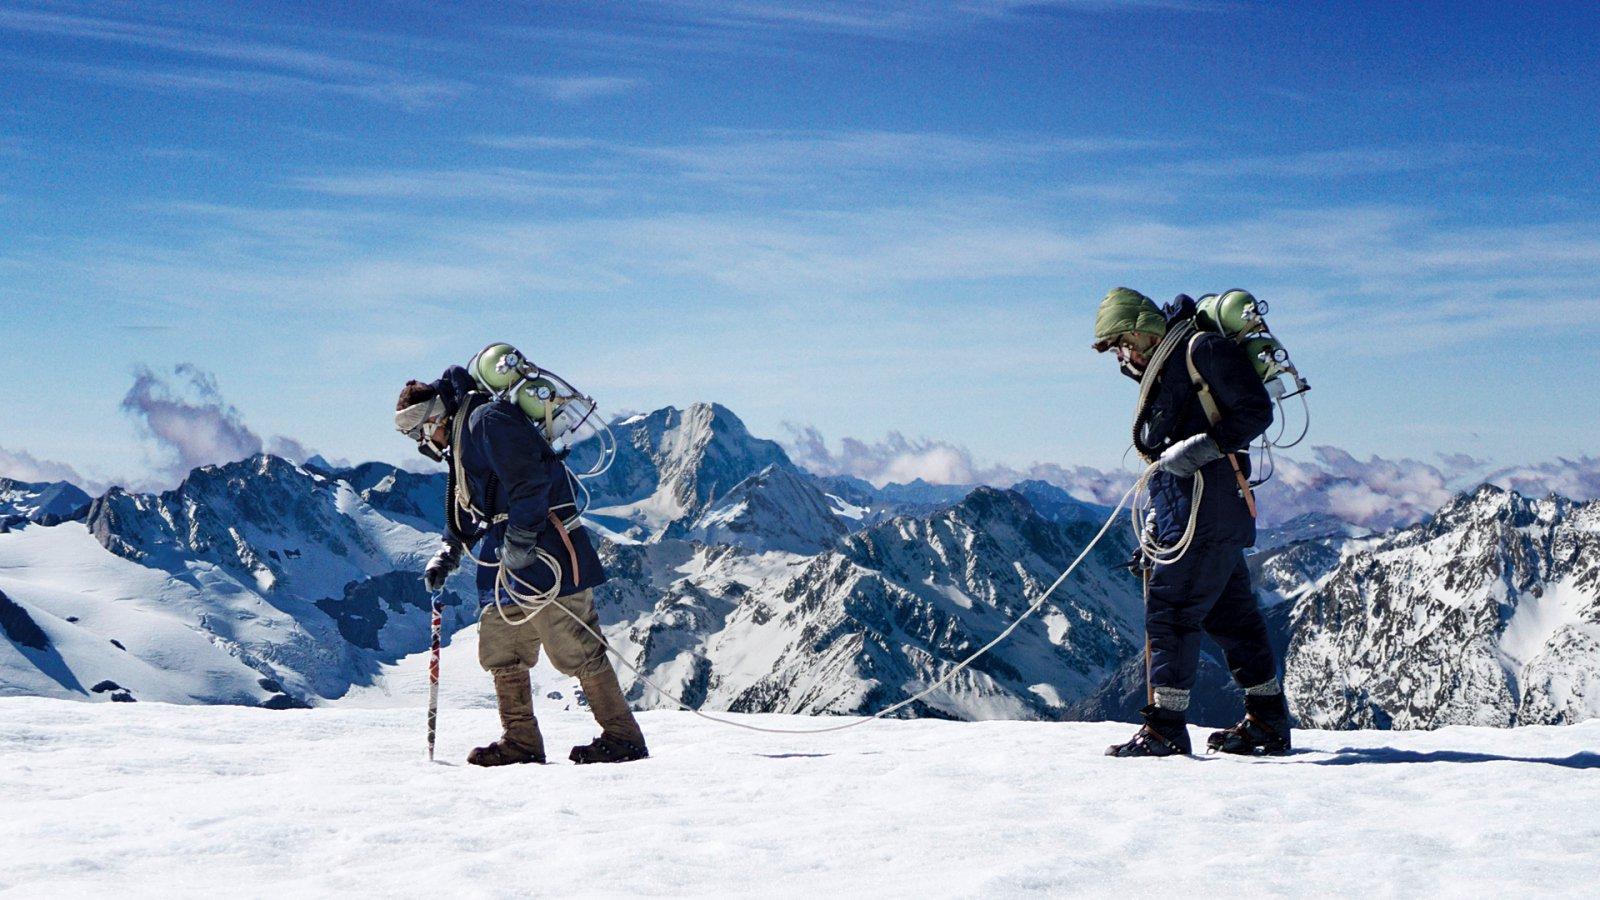 Эверест. Достигая невозможного смотреть фото